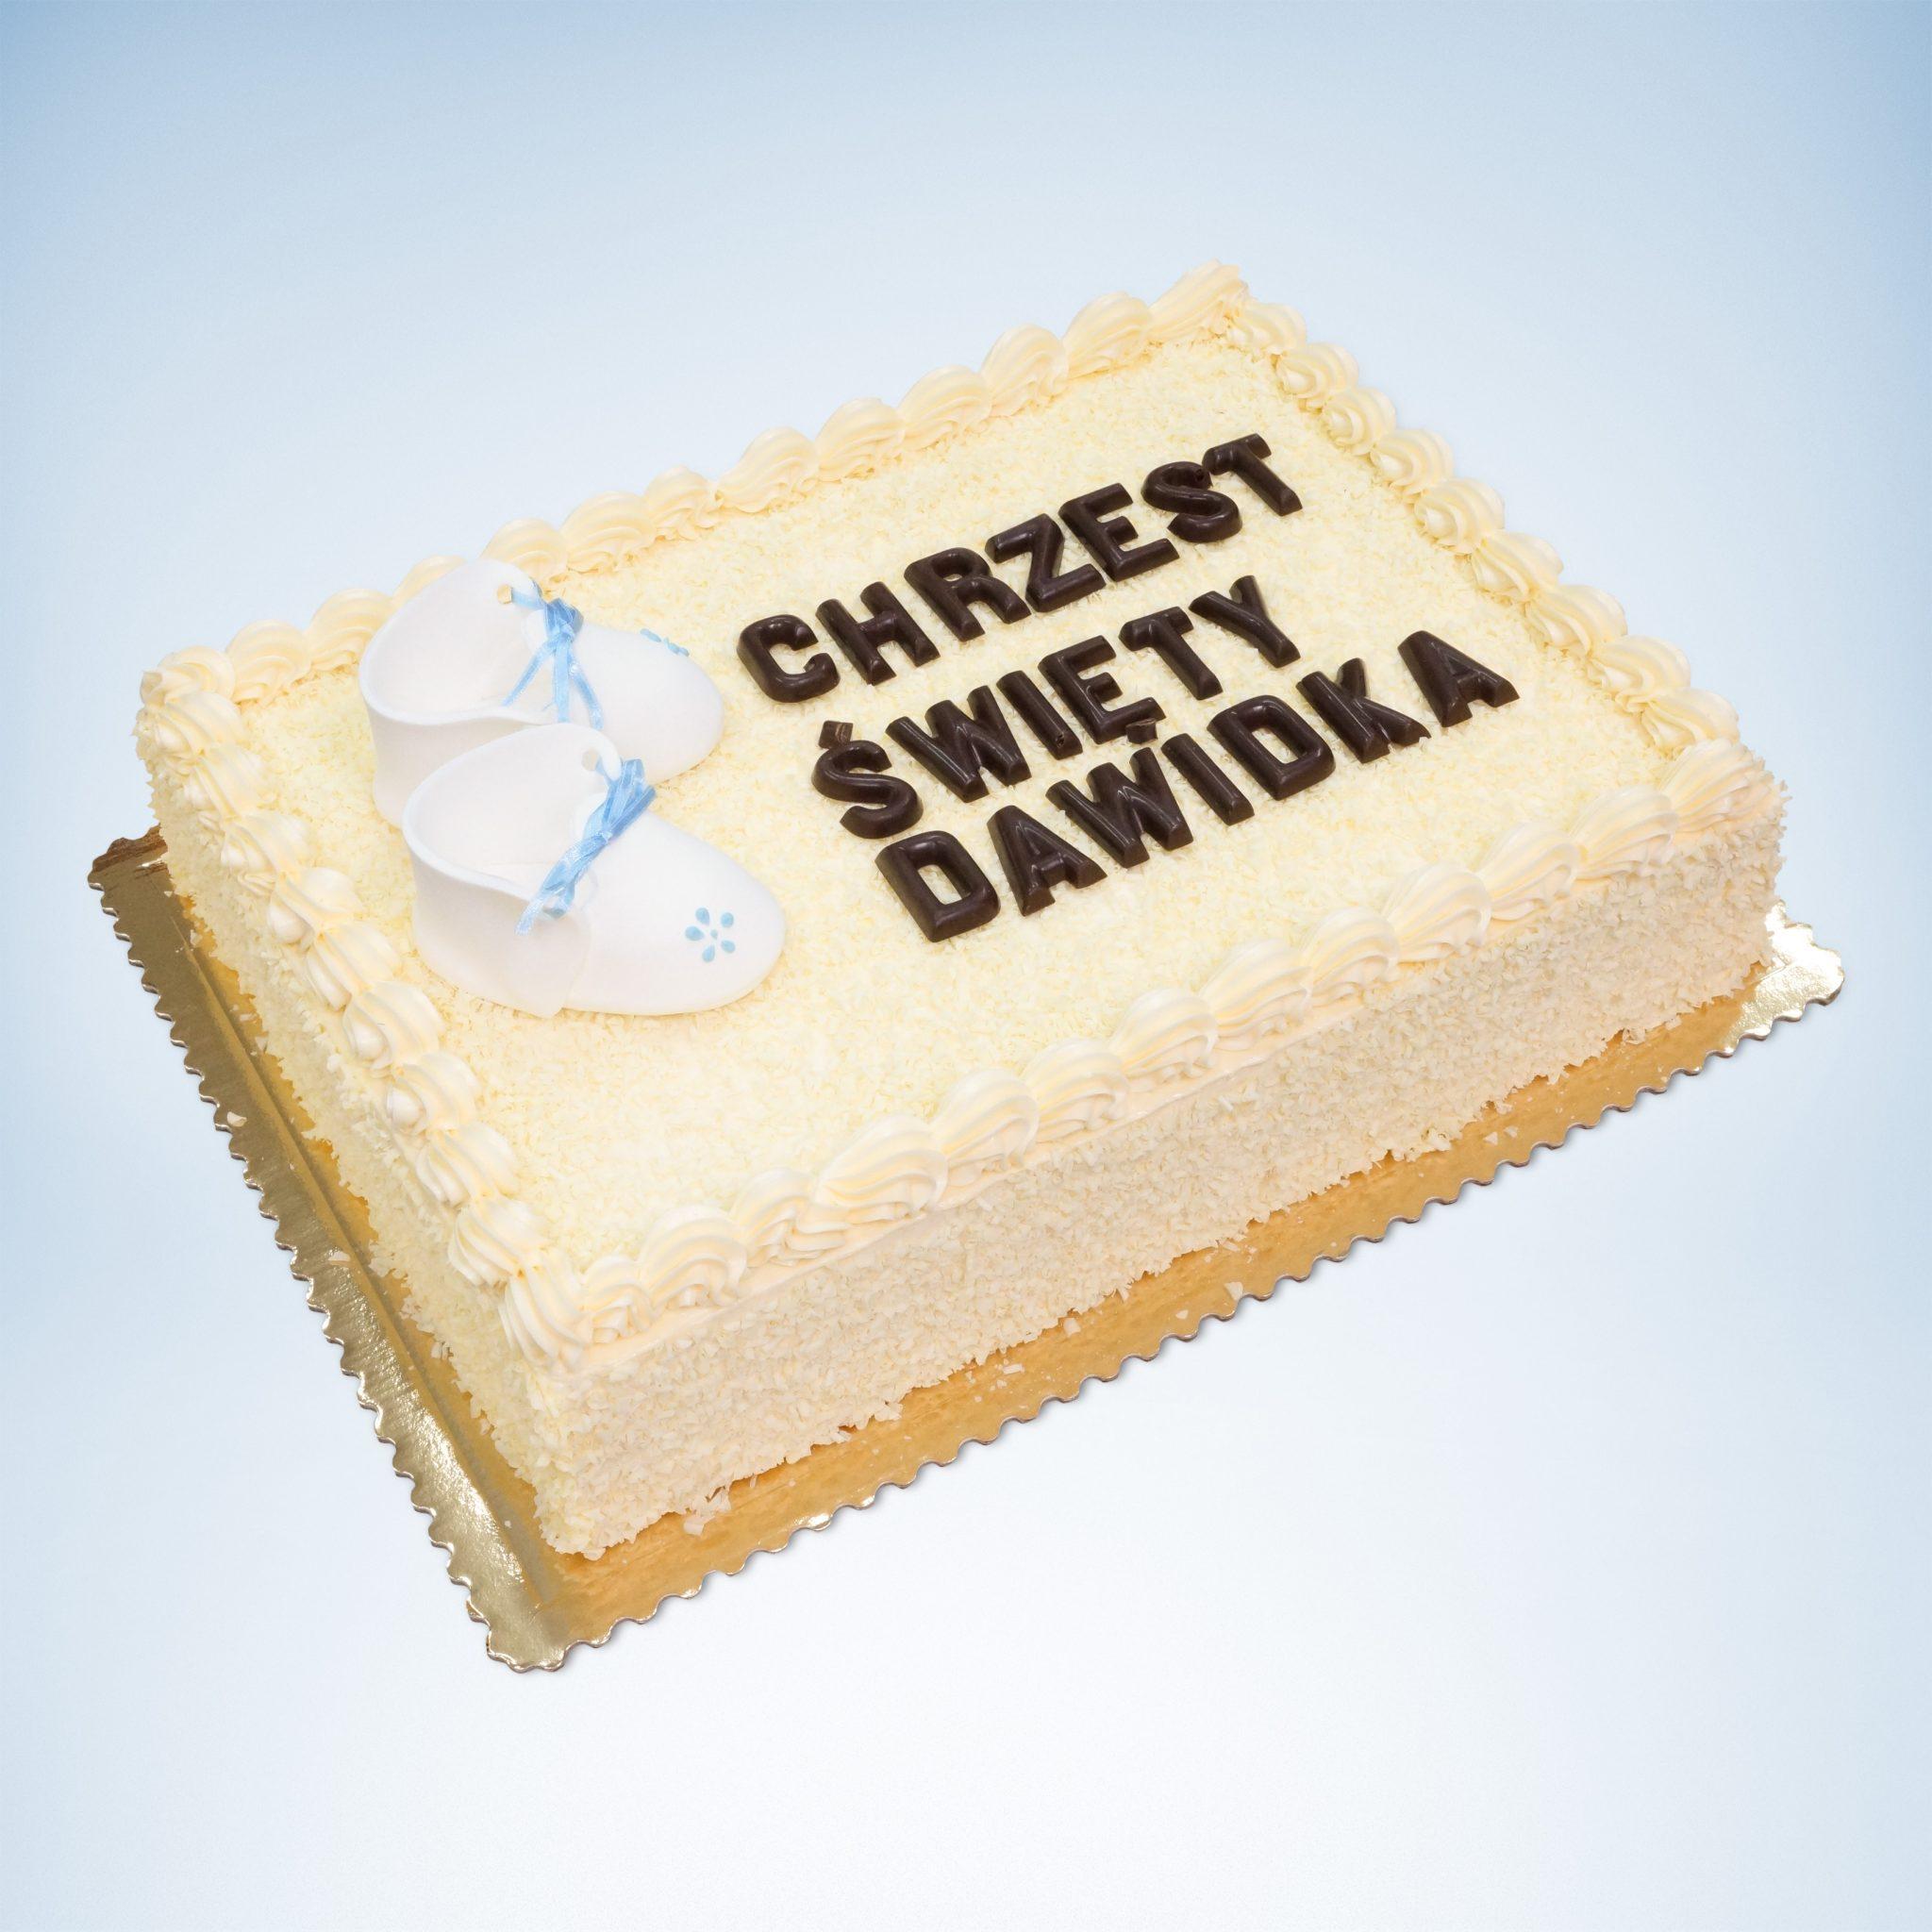 chrzest Święty Tort, tort na chrzciny ostrów Wielkopolski